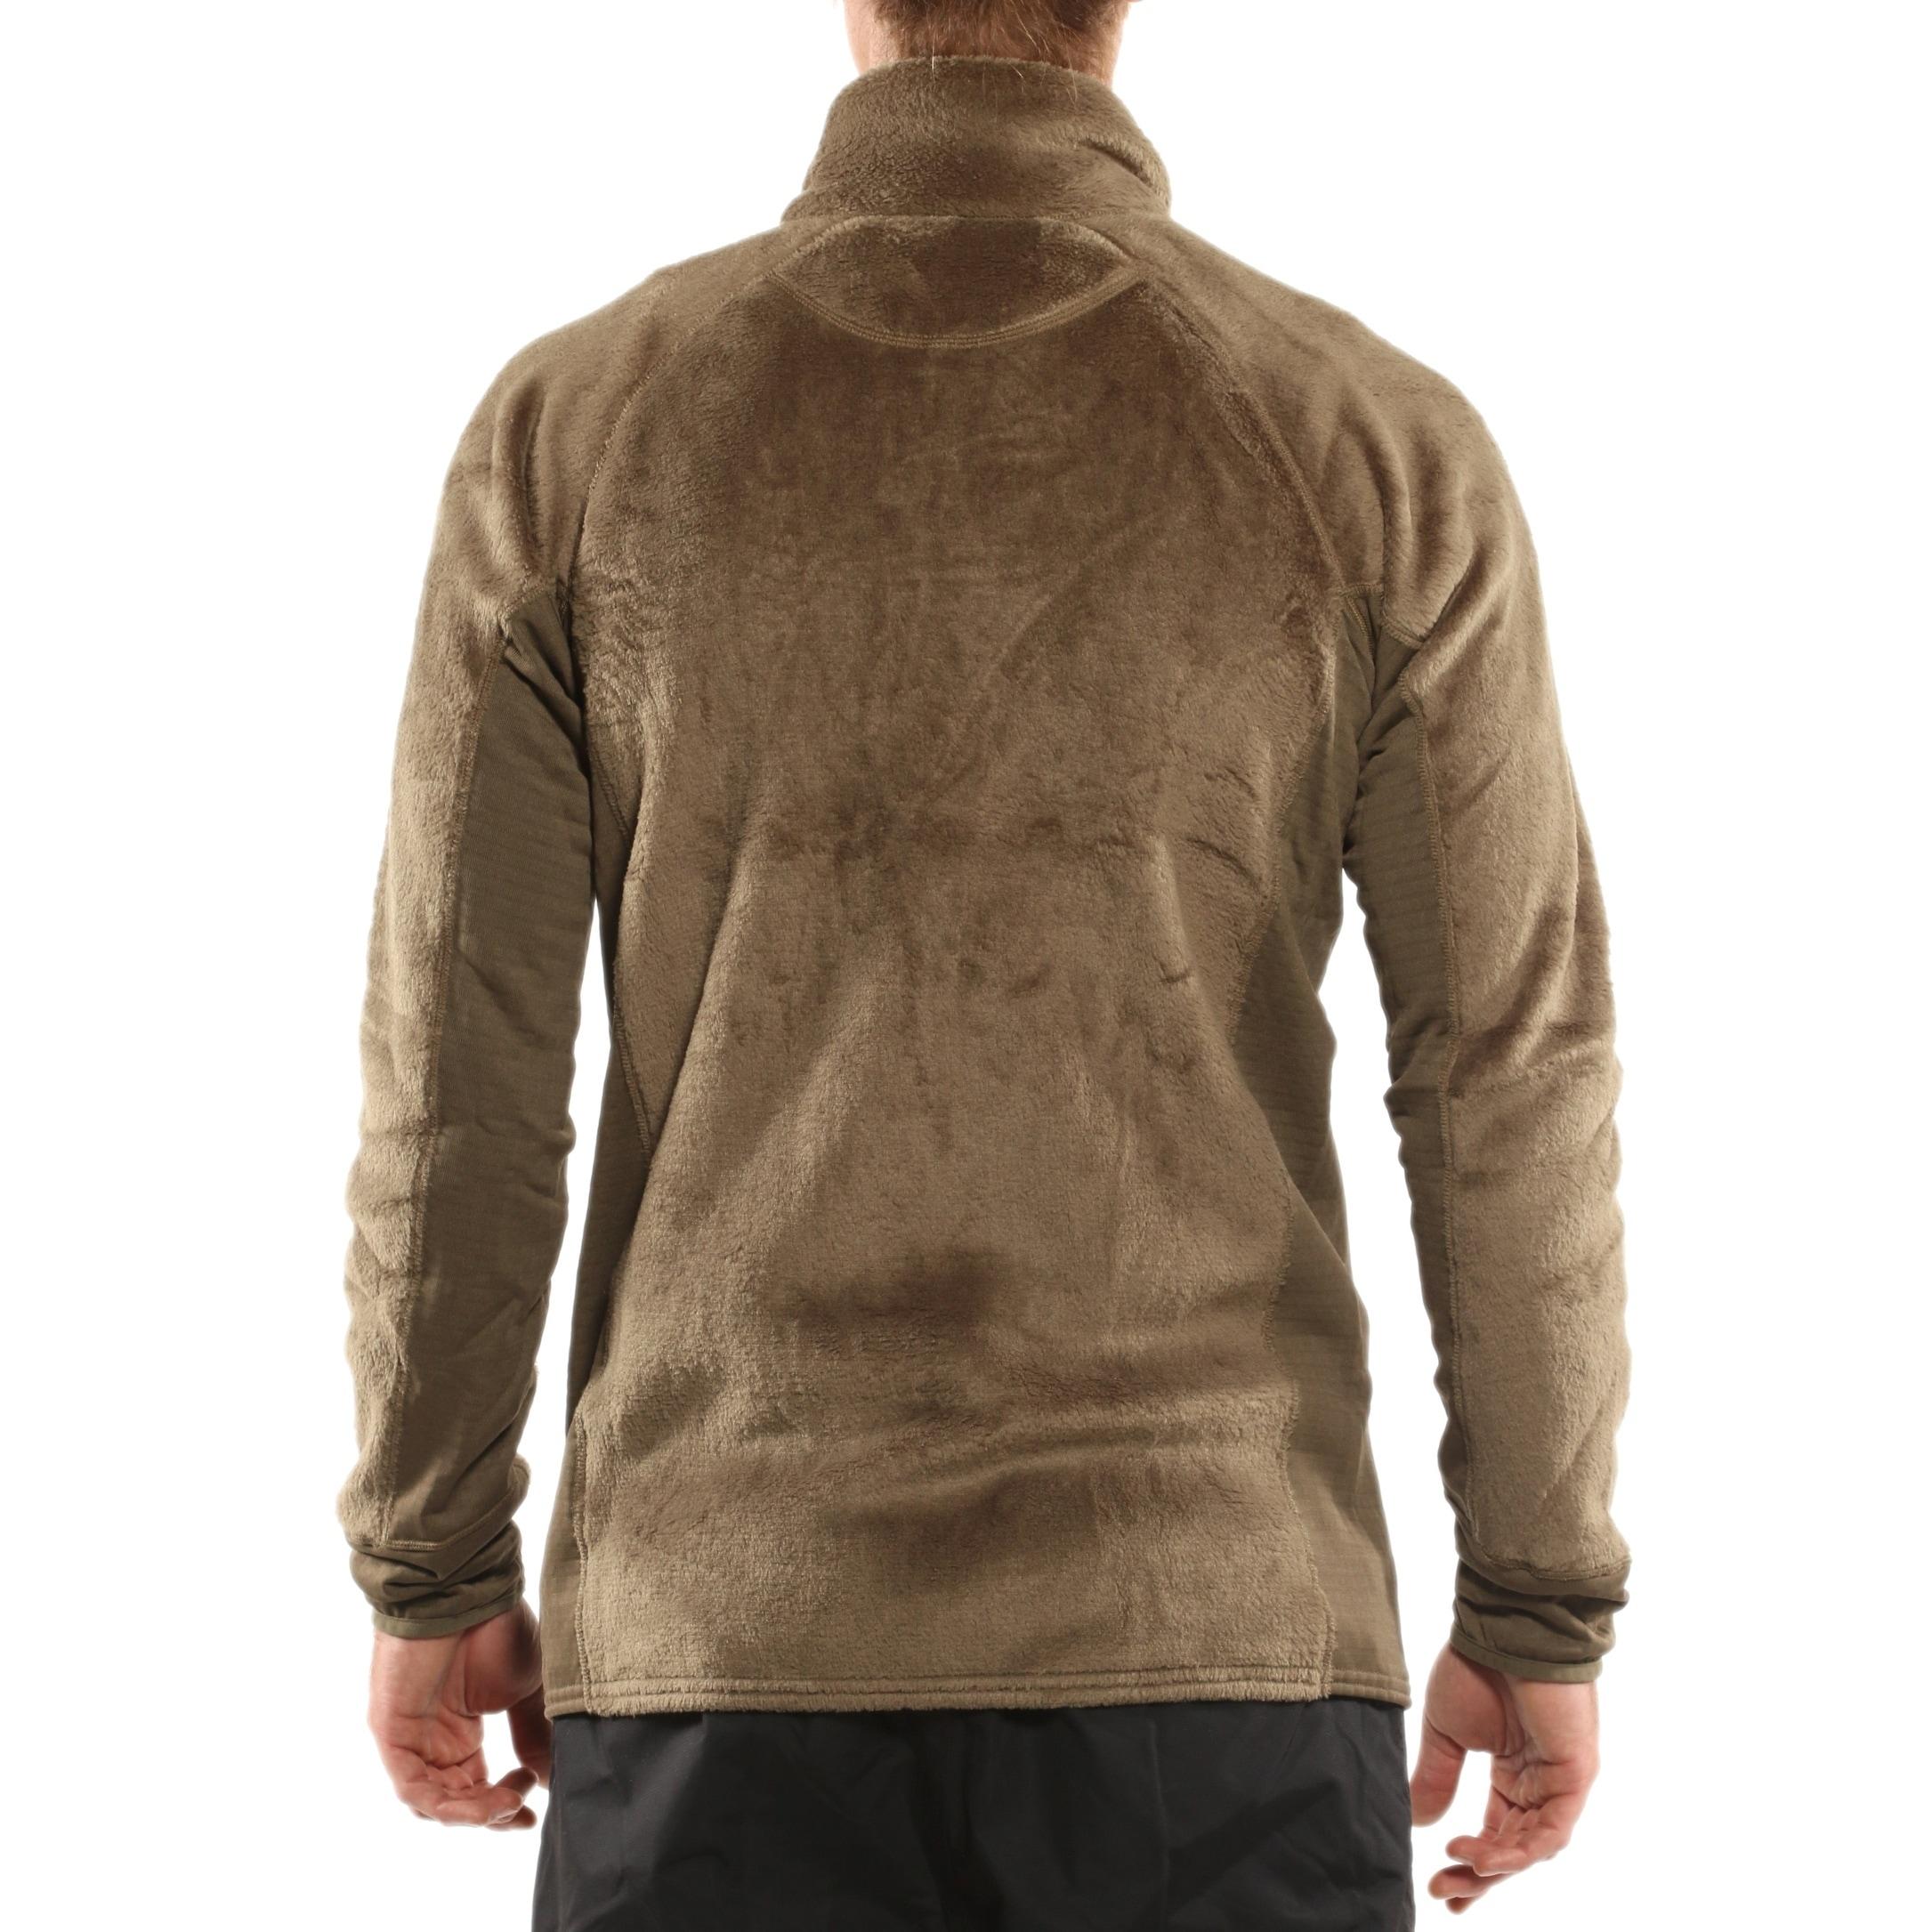 Patagonia r2 jacket fit